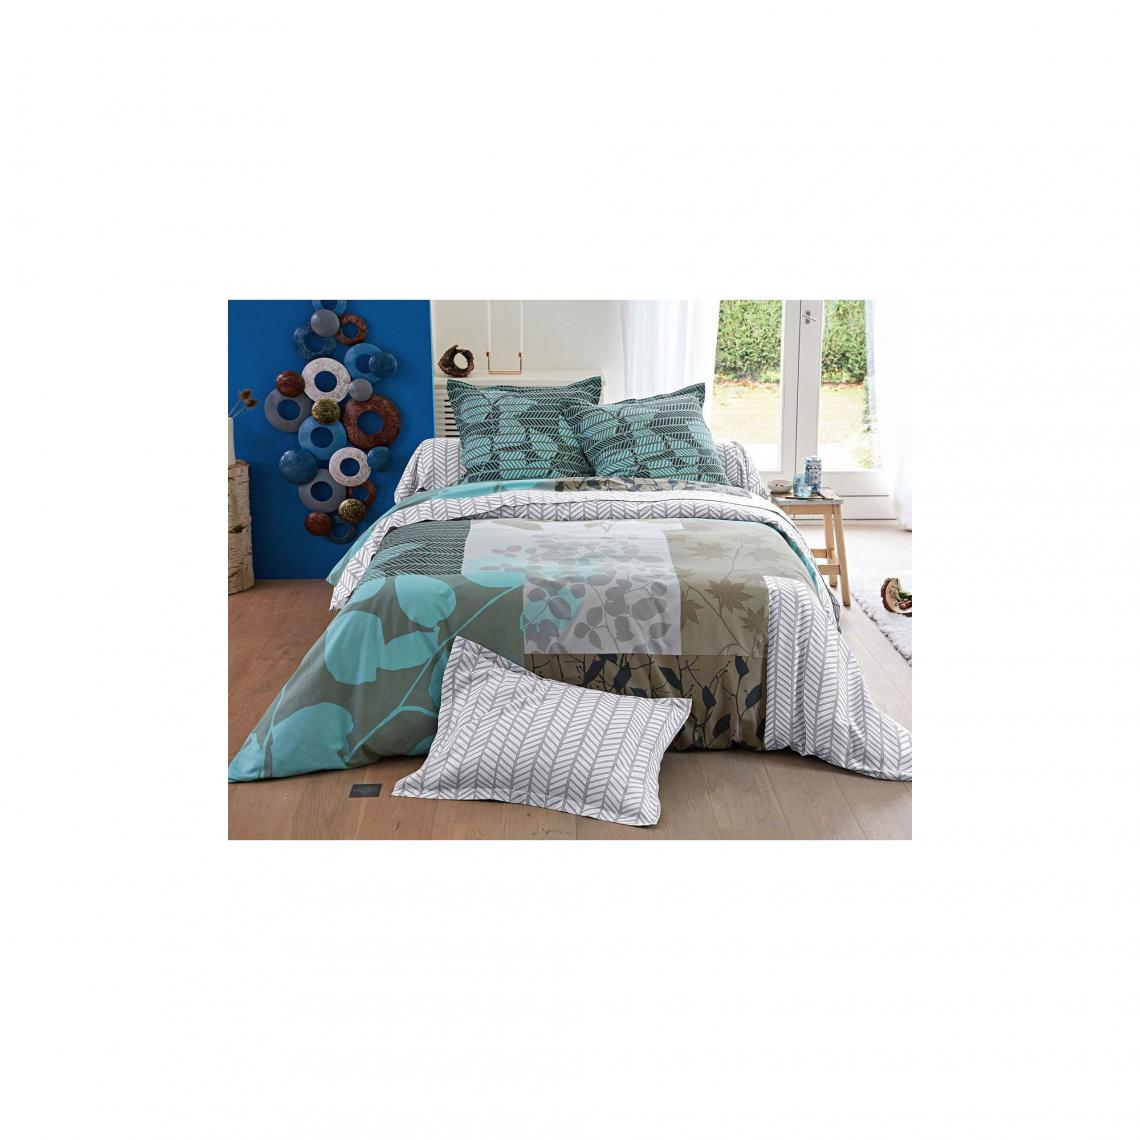 housse de couette patchwork de feuilles becquet beige 3 suisses. Black Bedroom Furniture Sets. Home Design Ideas